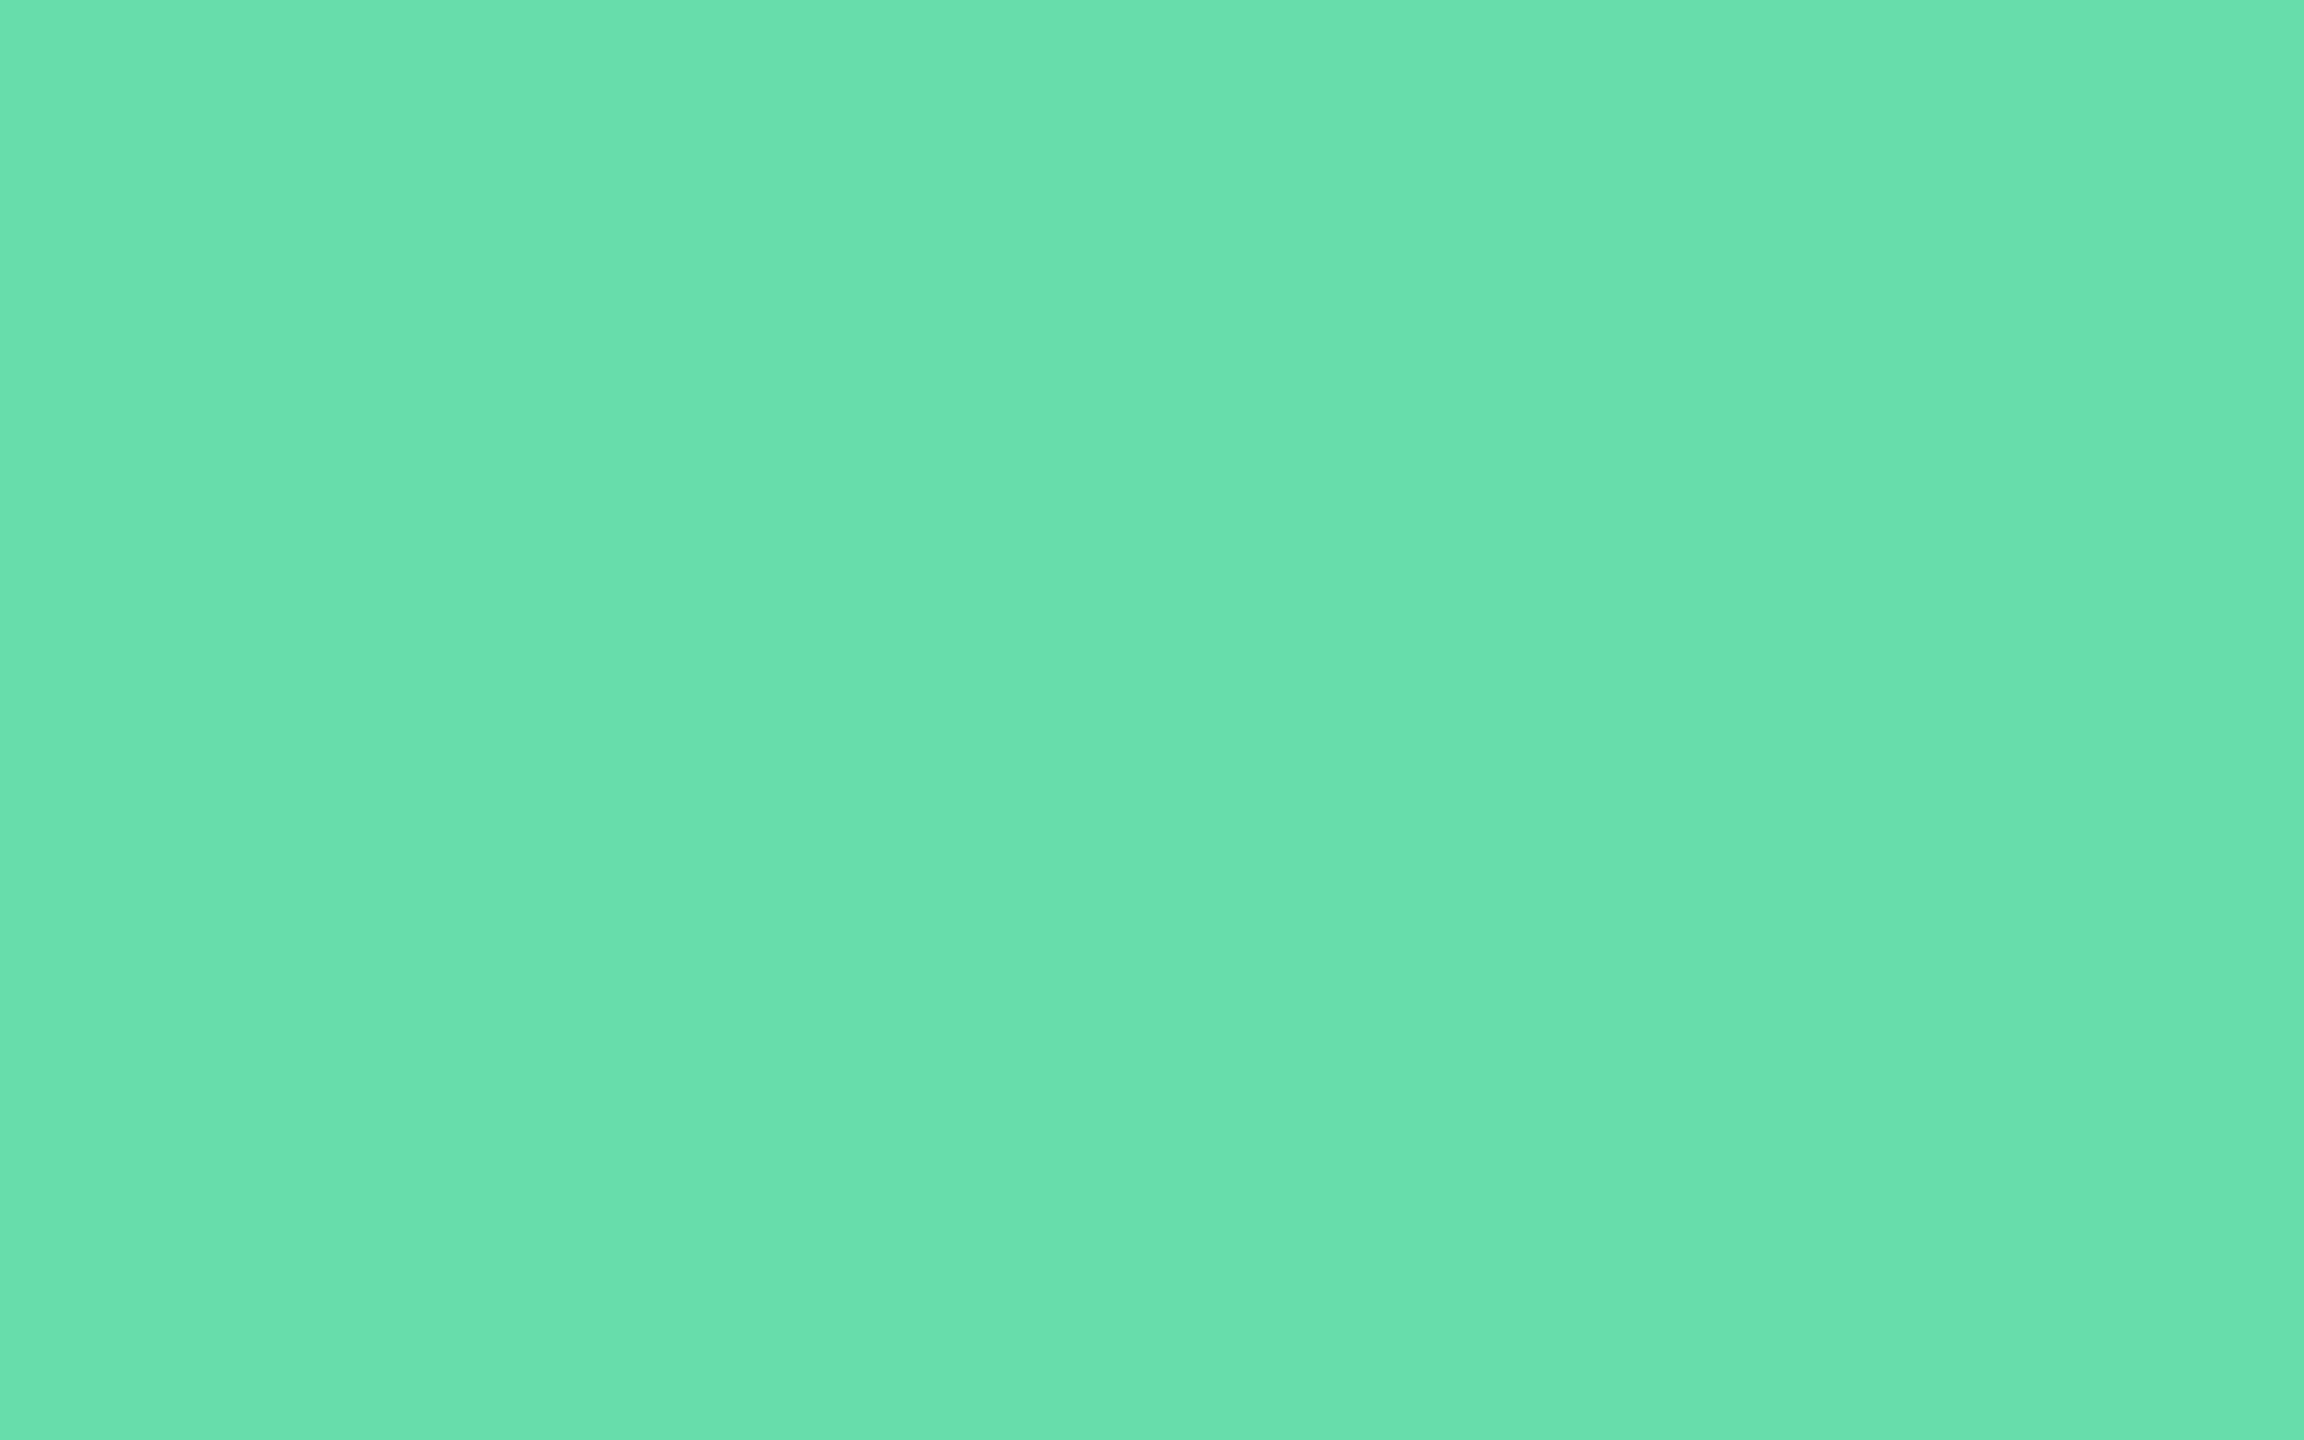 2304x1440 Medium Aquamarine Solid Color Background